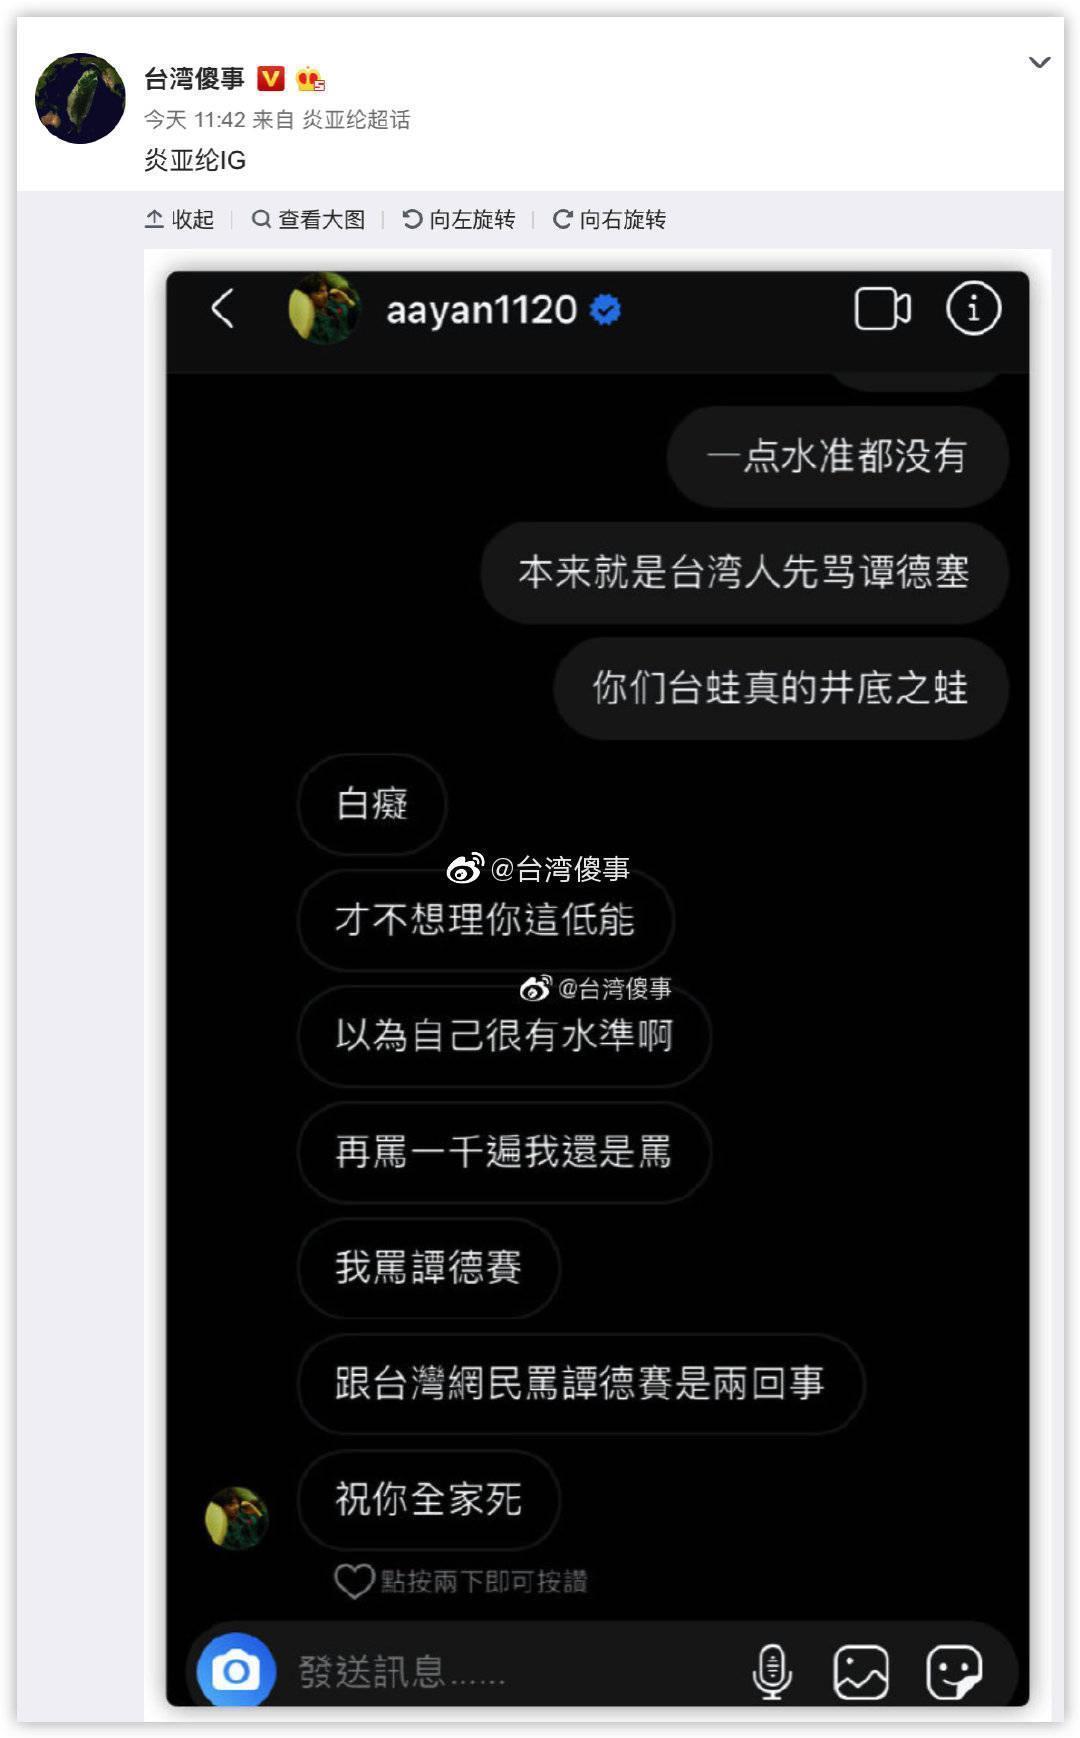 專黑台灣的微博帳號「台灣傻事」跑來找炎亞綸吵架,結果被他大罵「祝你全家死」。(翻攝自台灣傻事微博)